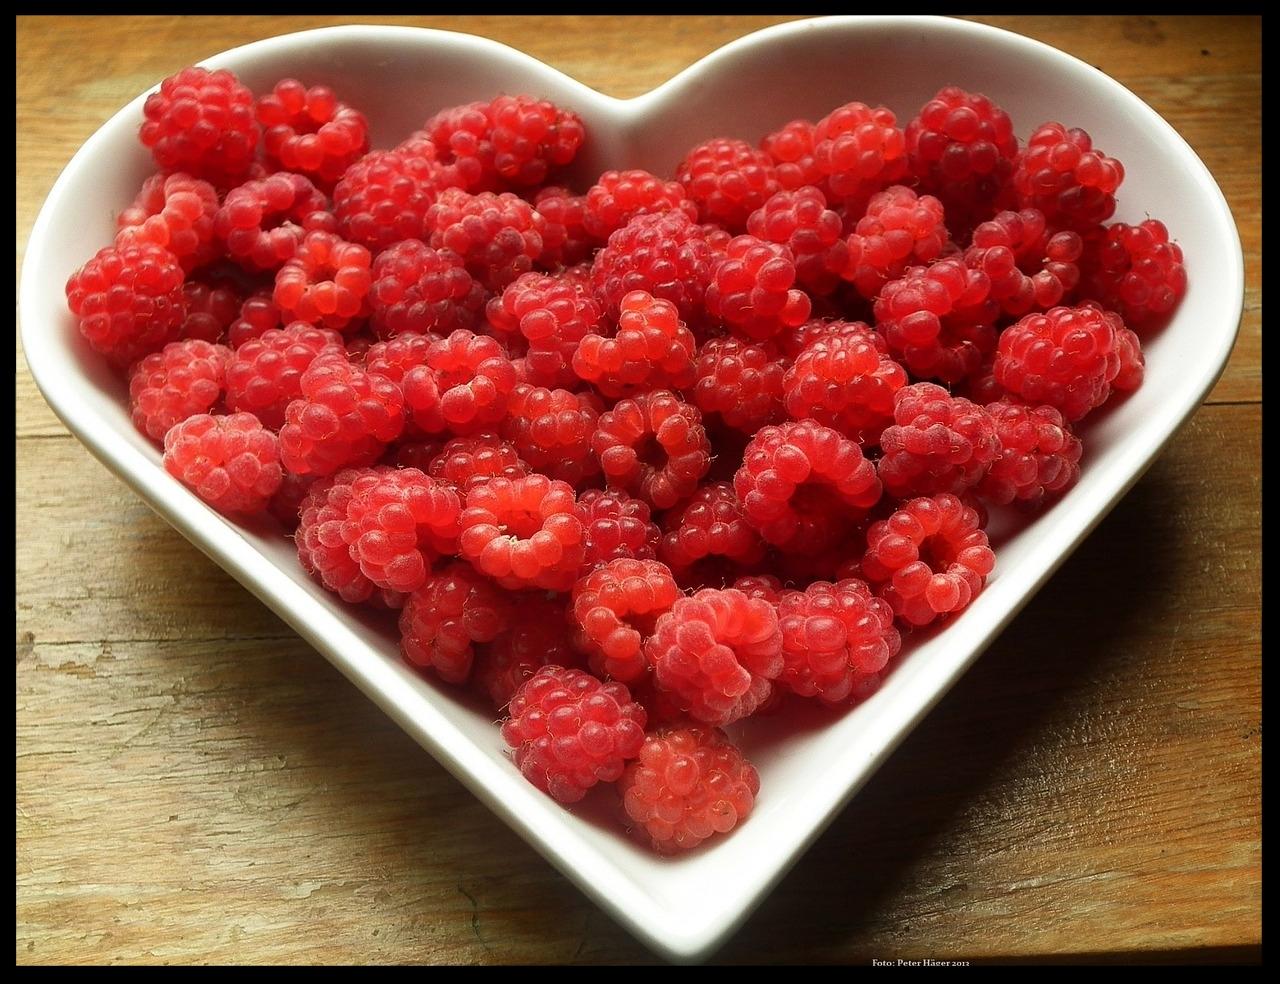 raspberries-215858_1280.jpg